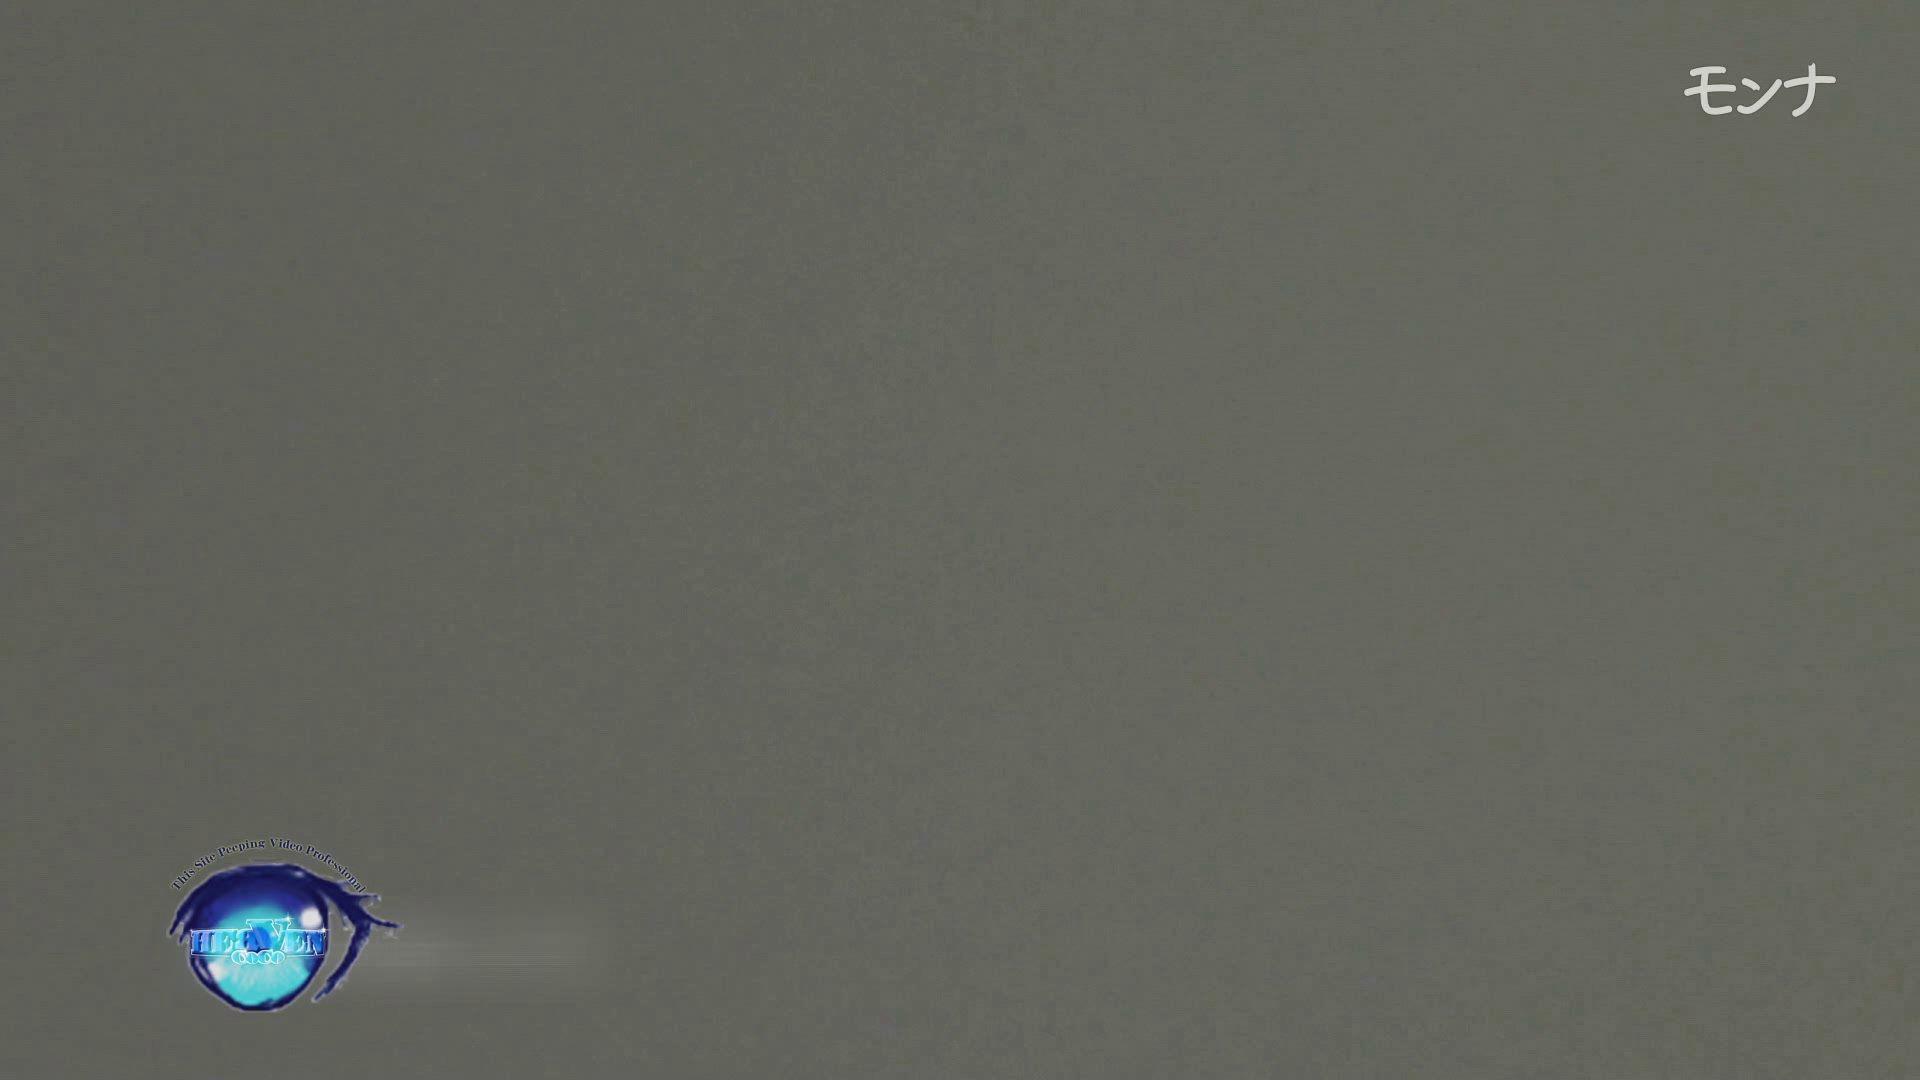 美しい日本の未来 No.96 オマンコ秘宝館   覗き  68連発 66